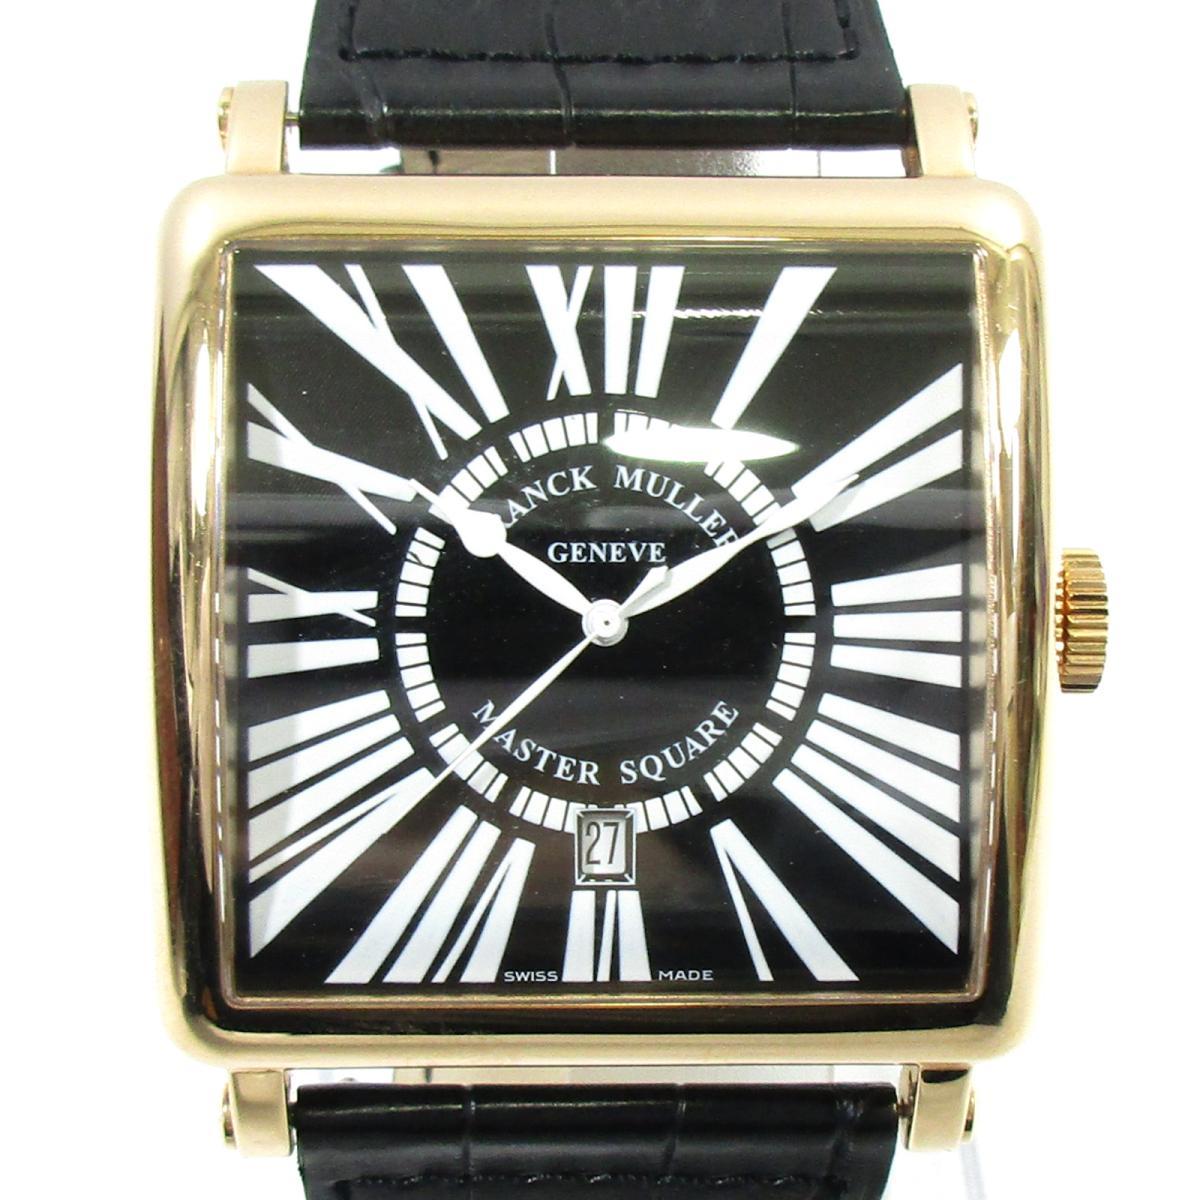 【中古】 フランク・ミュラー マスタースクエア レリーフ 腕時計 メンズ K18PG (ピンクゴールド) クロコレザー ブラック (600KSCDTR)   FRANCK MULLER BRANDOFF ブランドオフ ブランド ブランド時計 ブランド腕時計 時計